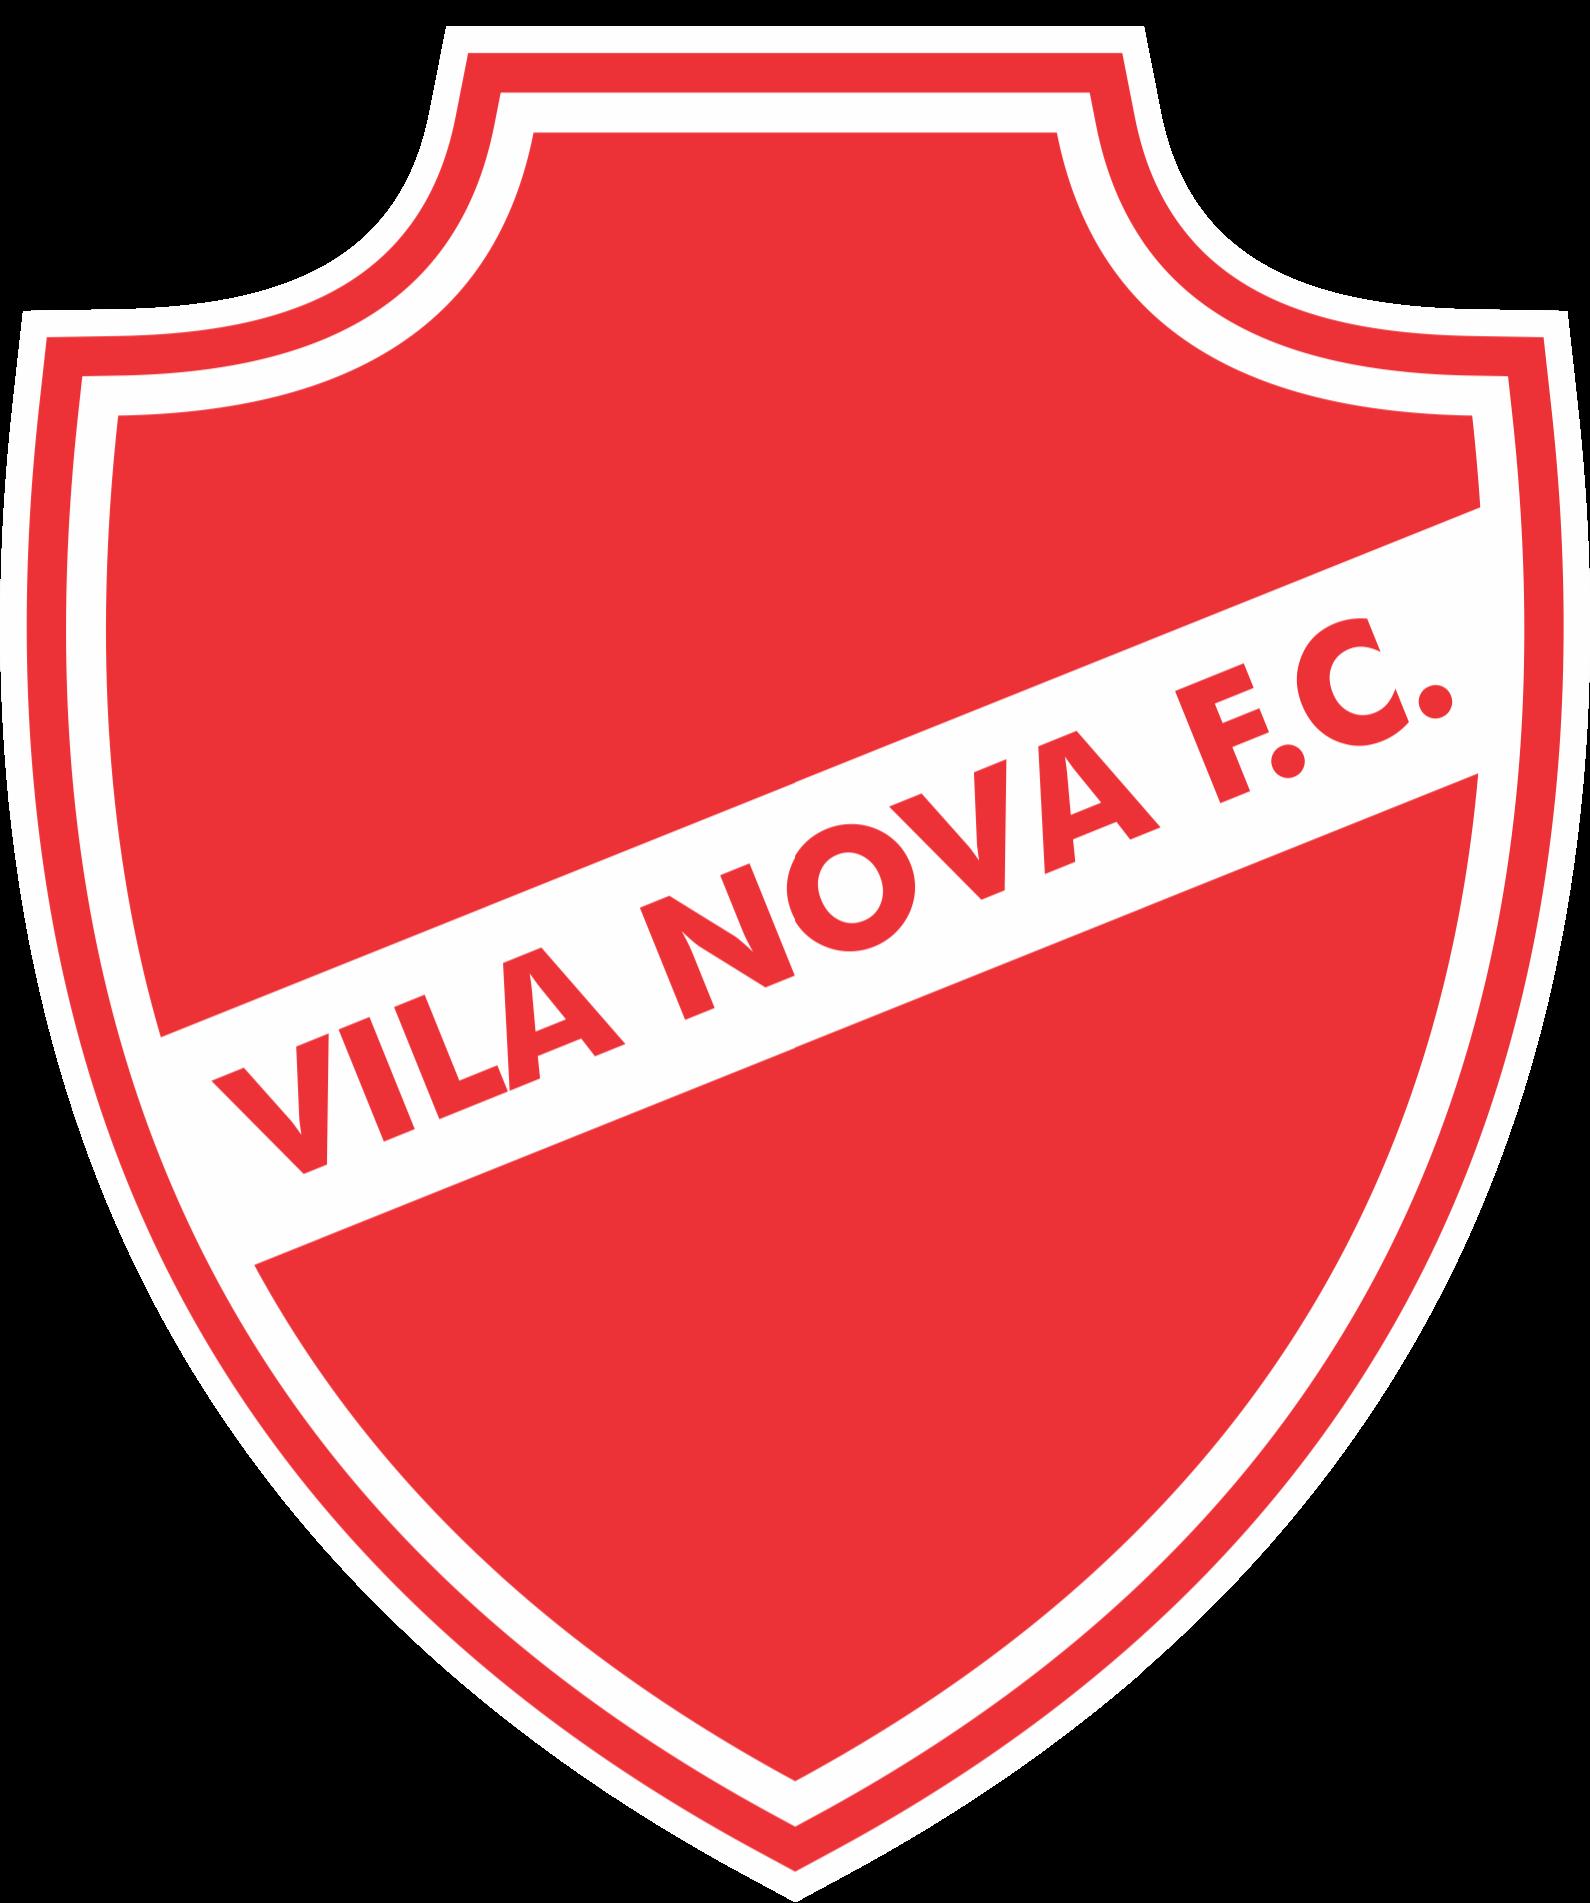 Vila Nova FC Sub-17